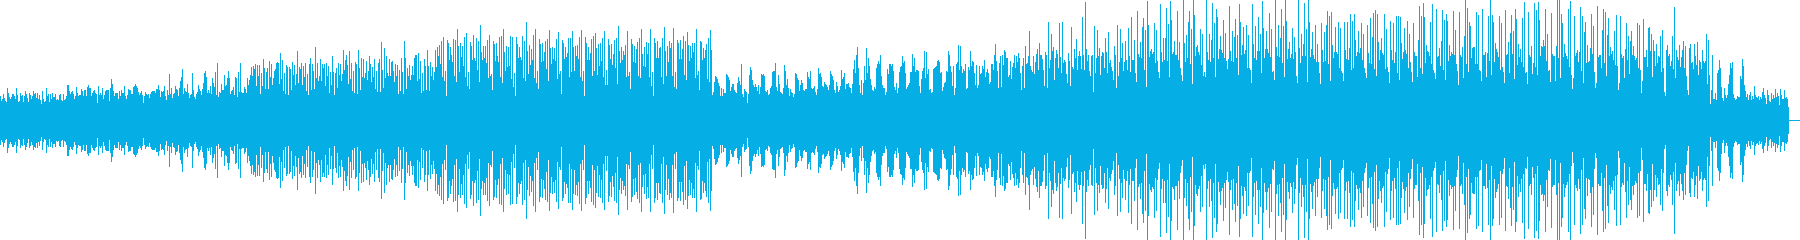 無機質ながら緊迫感のあるミニマルテクノの再生済みの波形